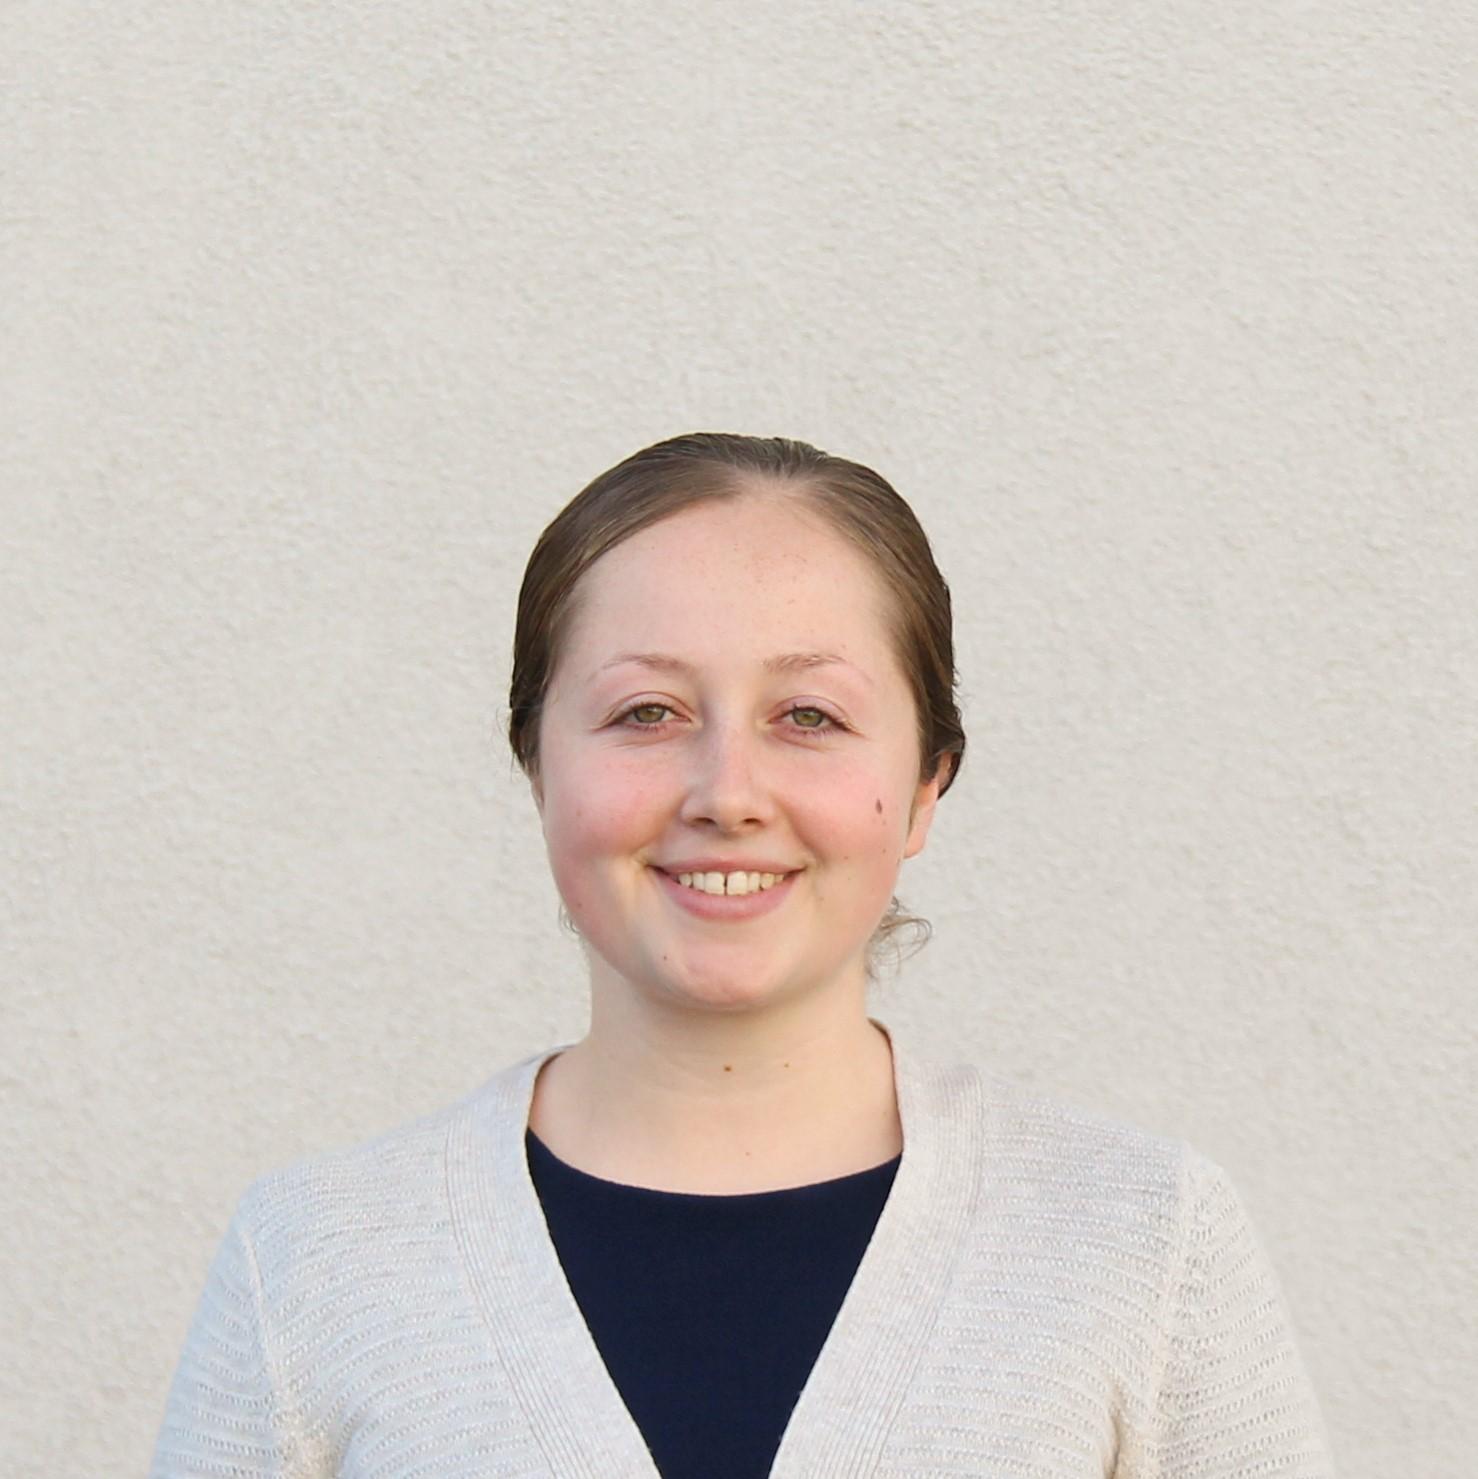 Alicia Musser